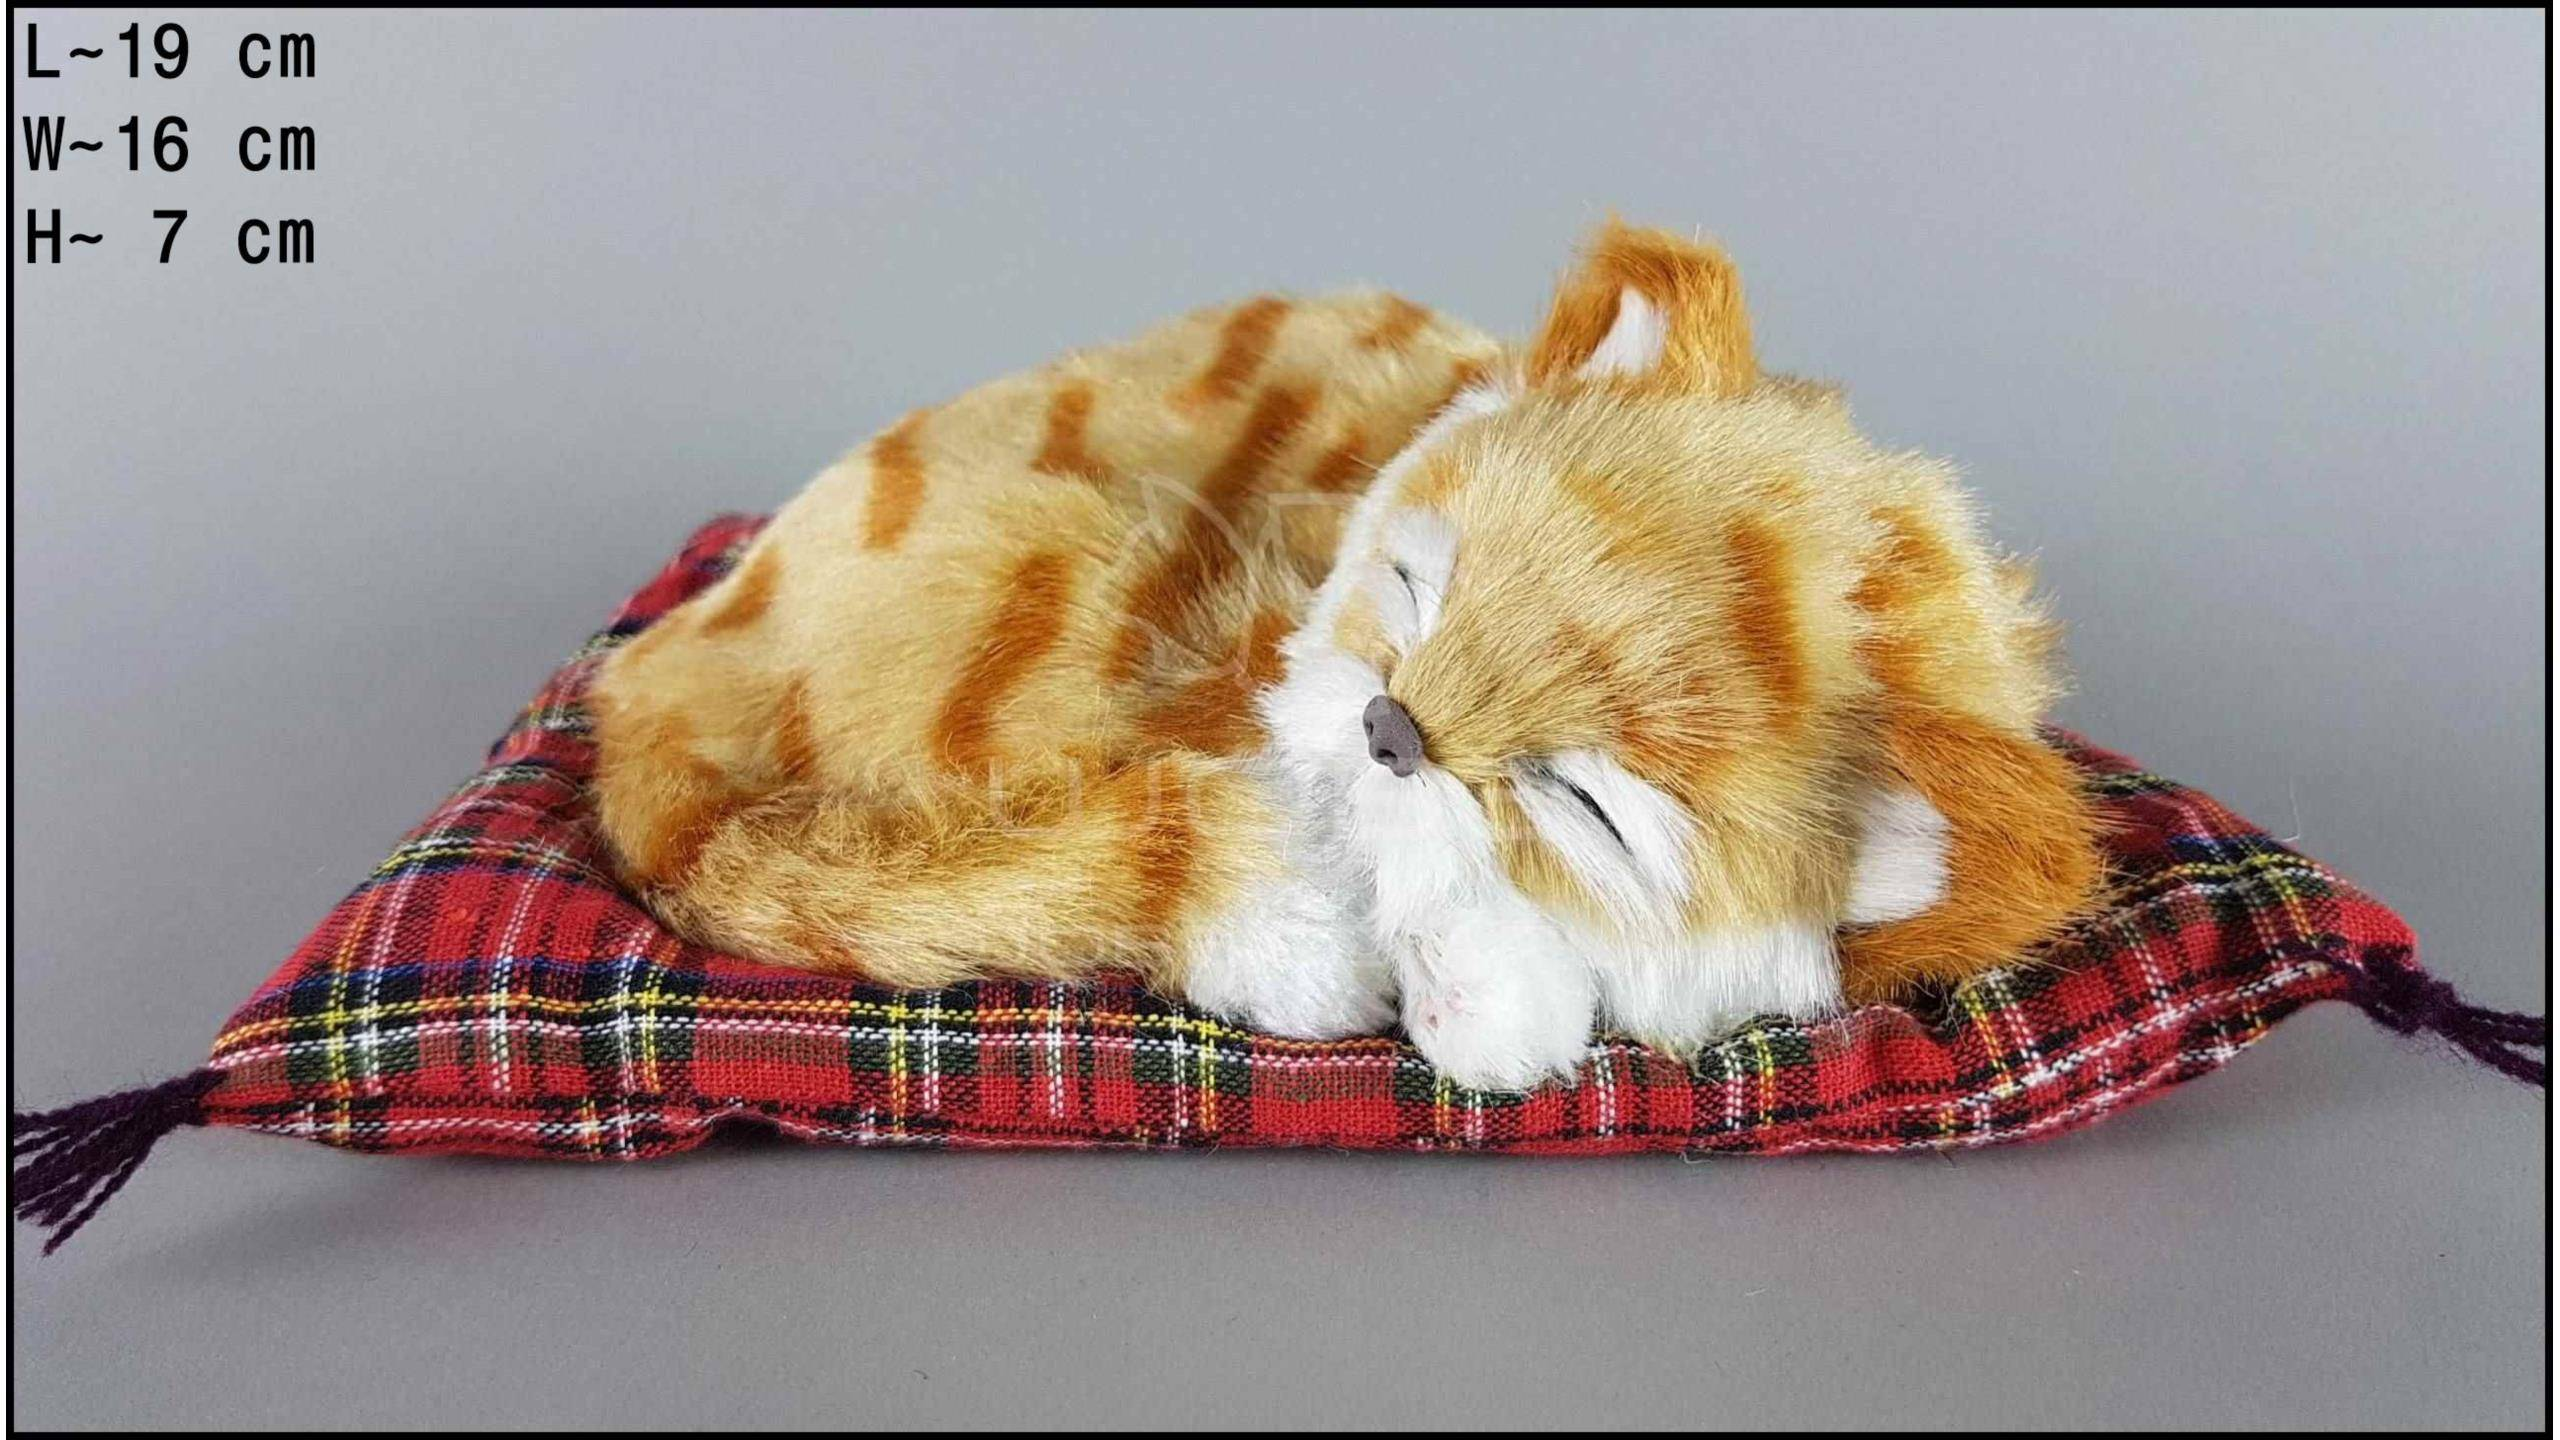 Почему кошки спят в ногах у хозяина, любят ложиться рядом с человеком, что это значит?